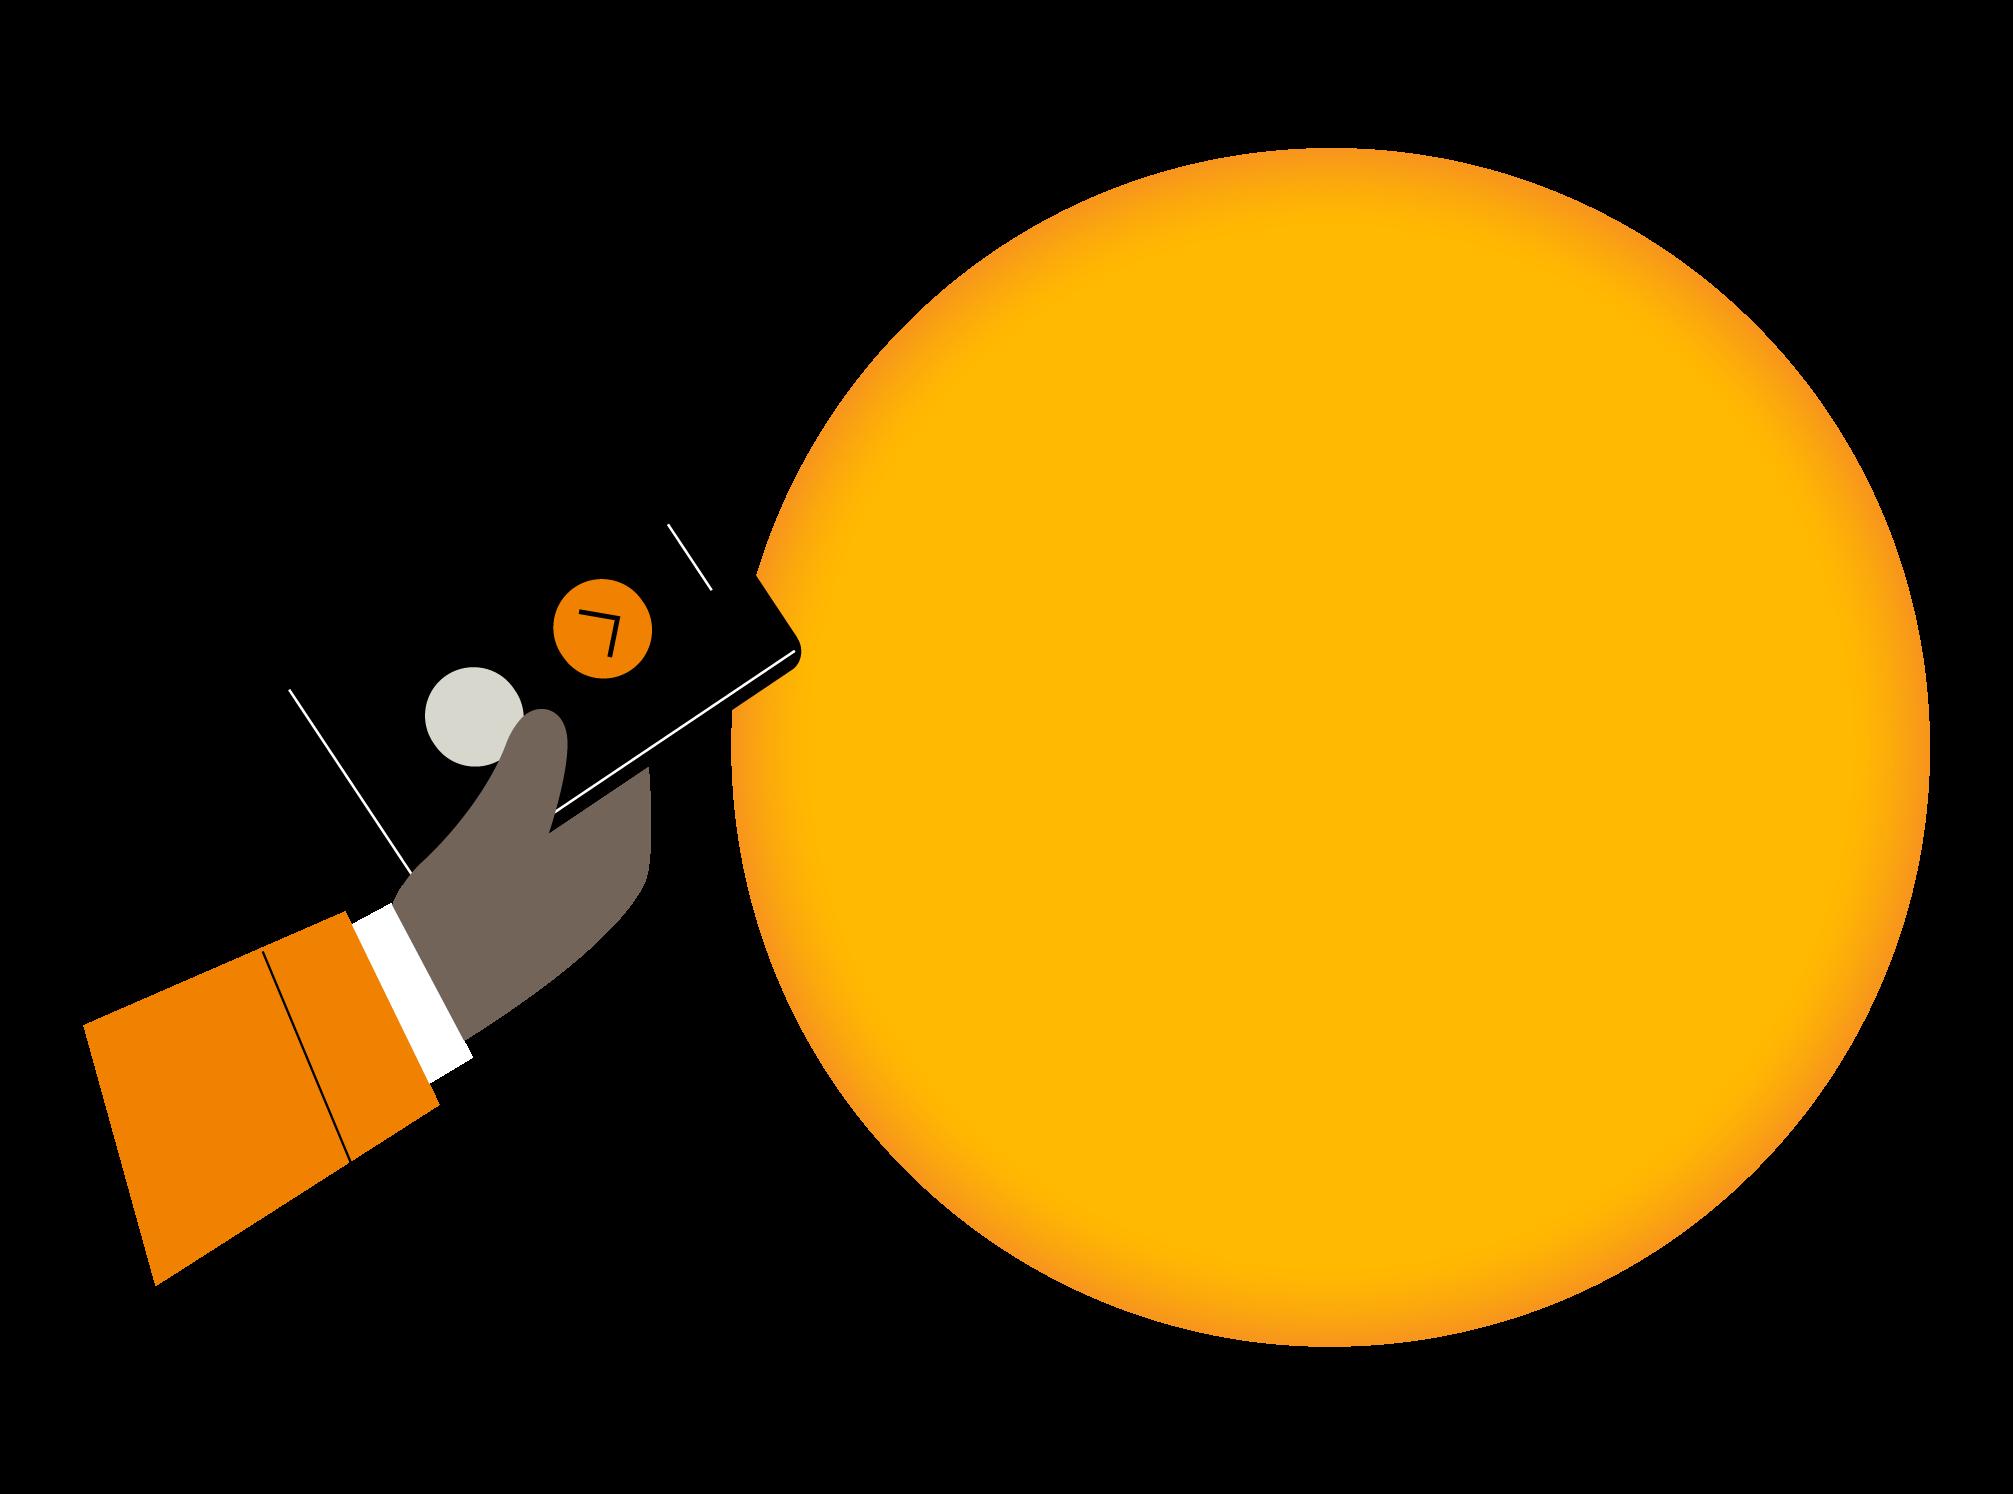 Uv Radiation Clipart